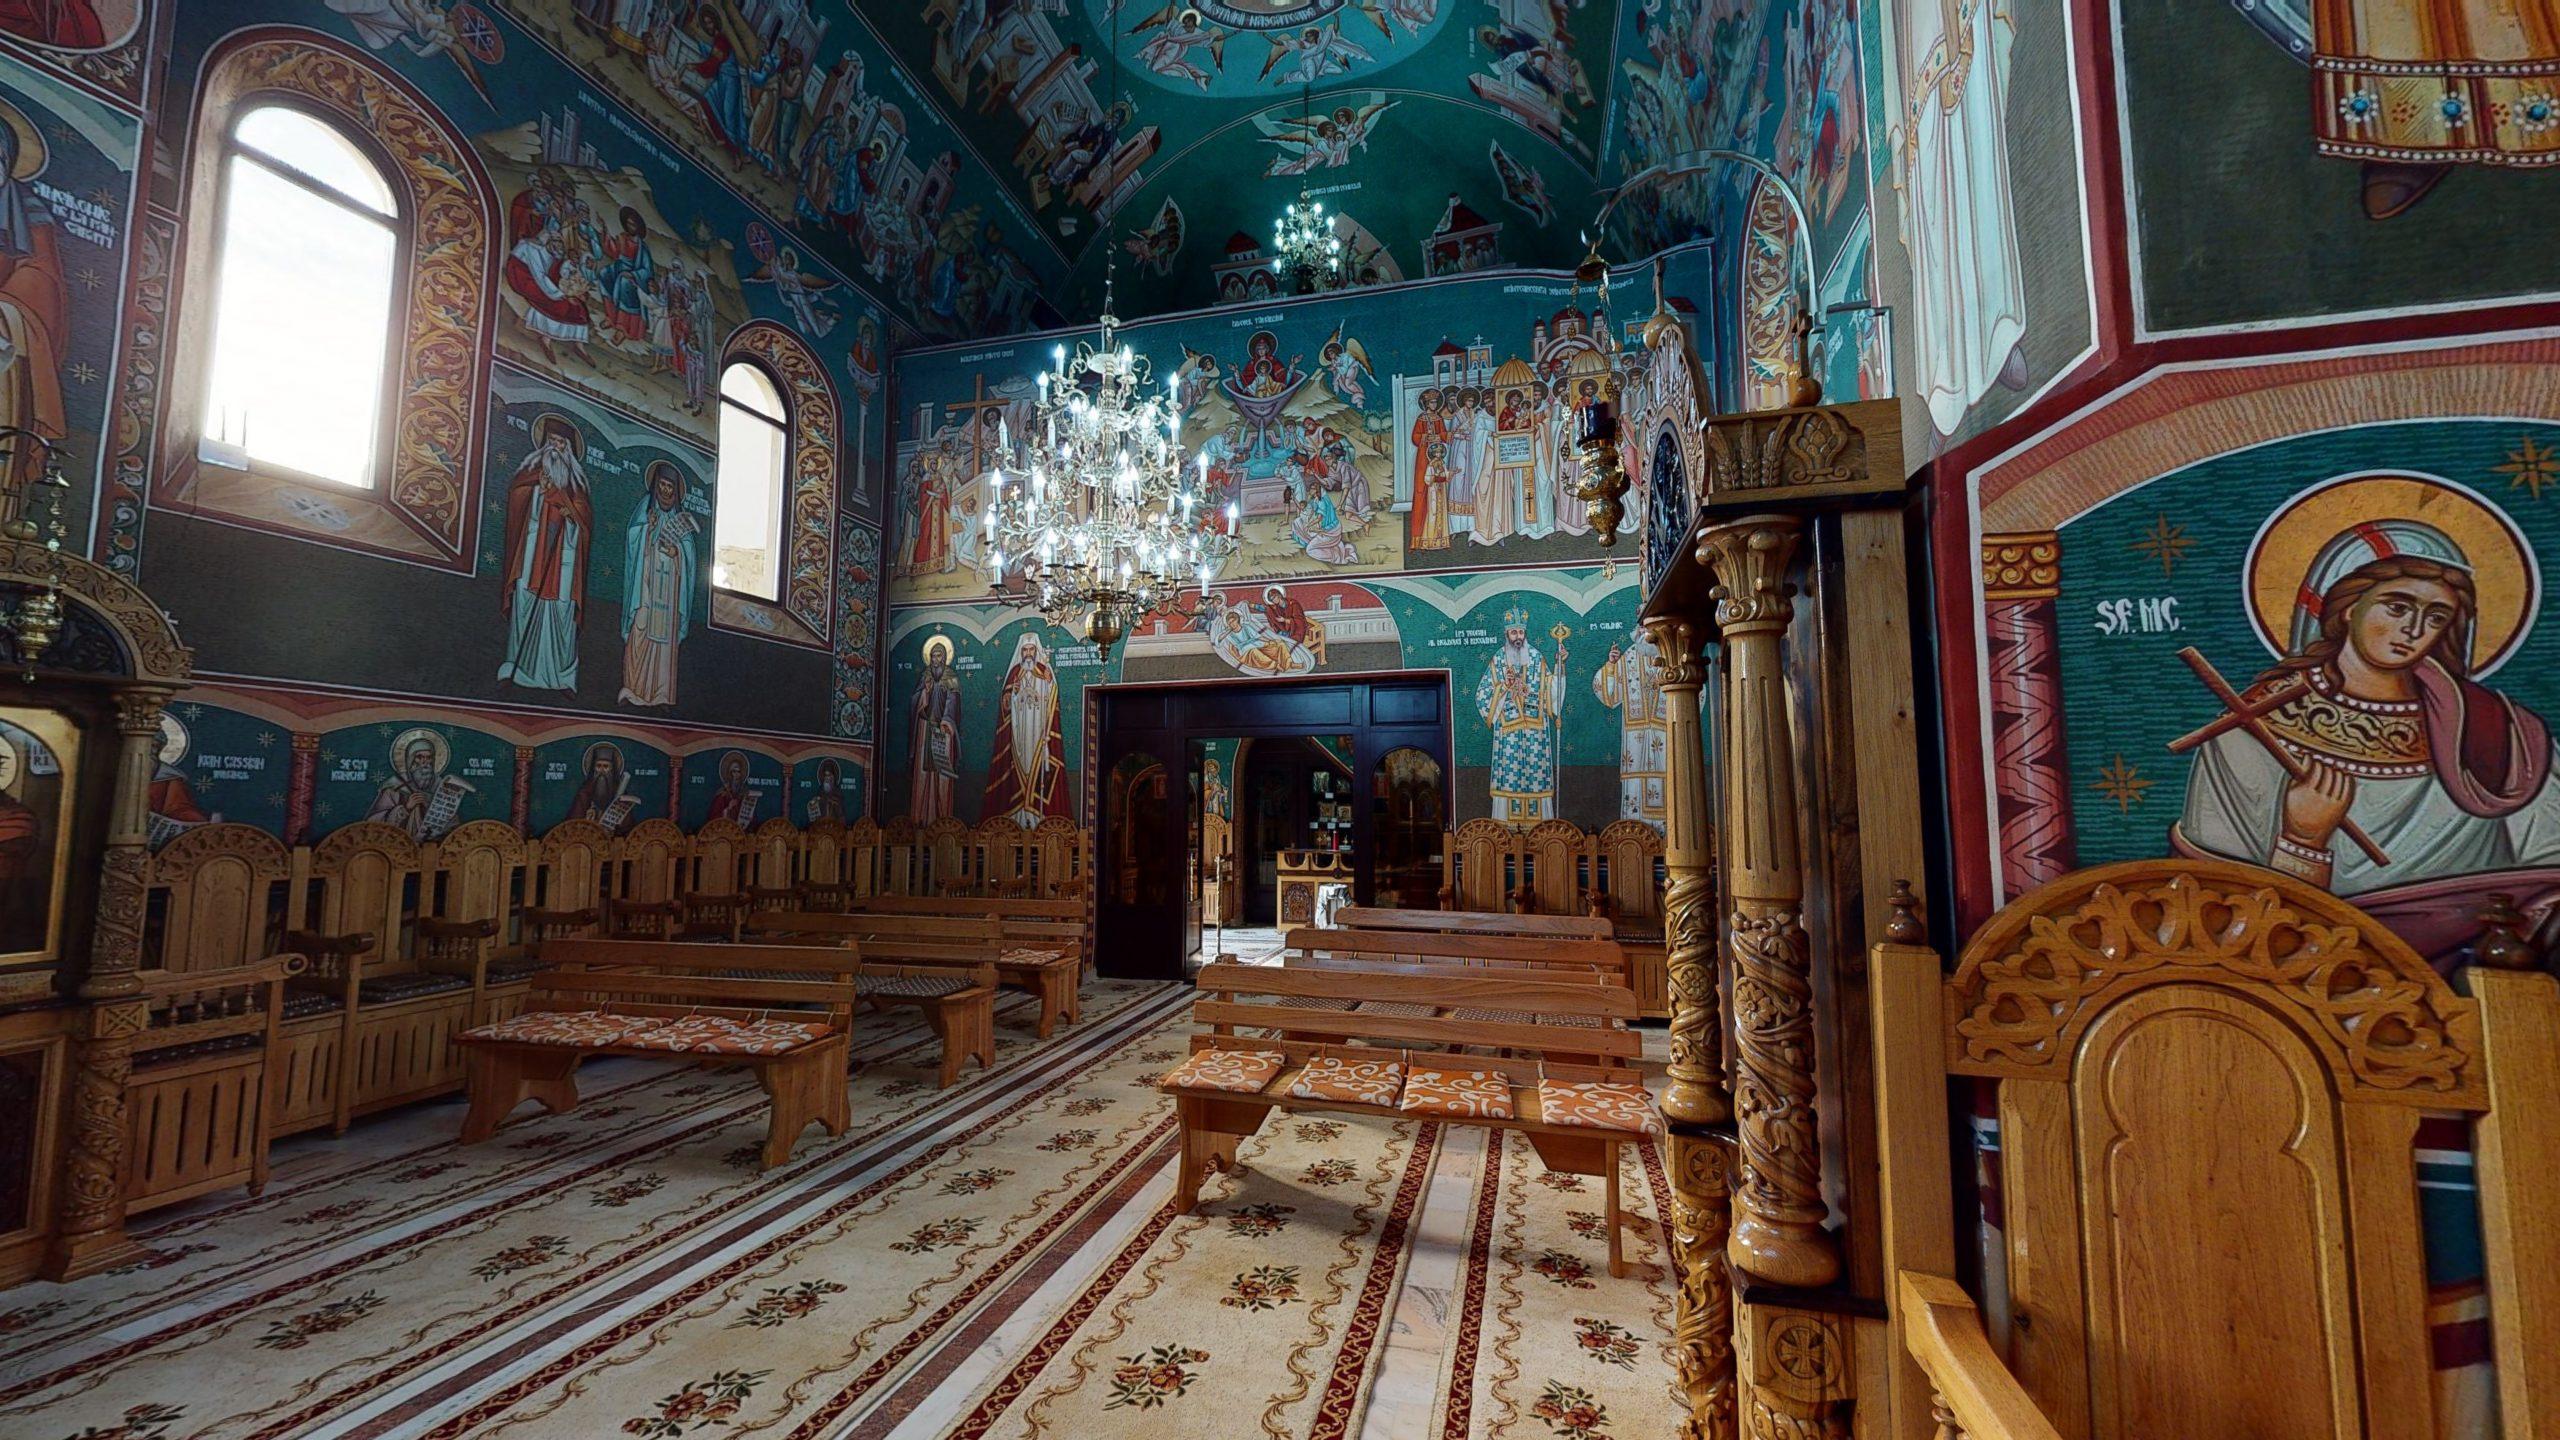 Biserica-Sfintii-Trei-Ierarhi-Flamanzi-12182020_121646